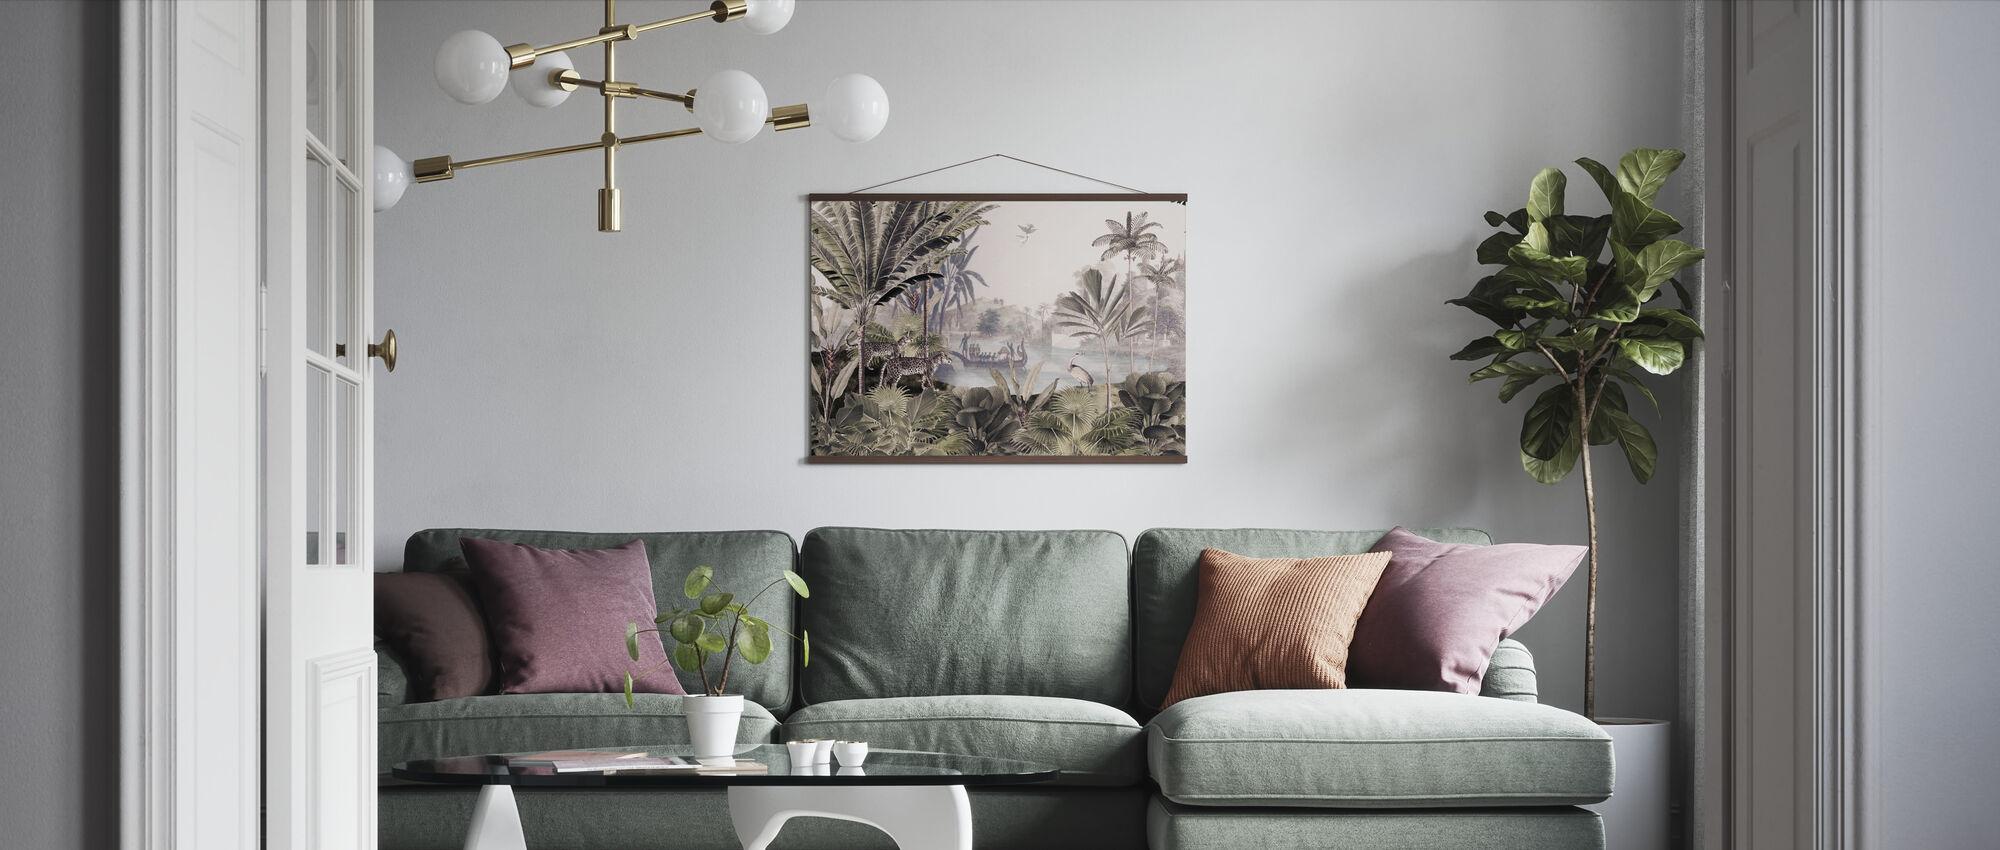 Luipaard landschap - Poster - Woonkamer